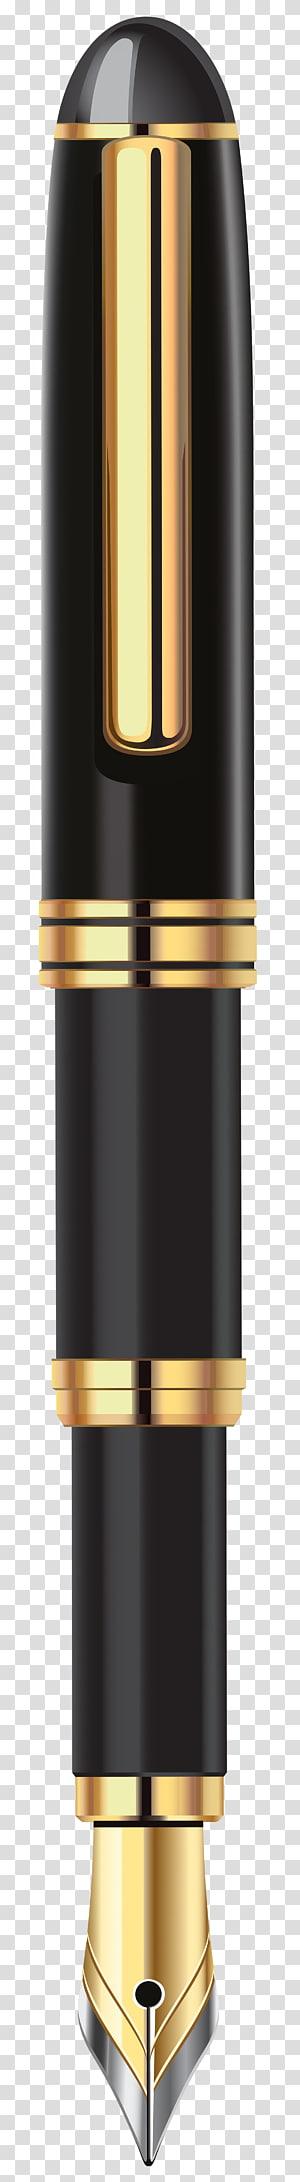 caneta-tinteiro preto, caneta-tinteiro de papel, caneta-tinteiro de luxo PNG clipart